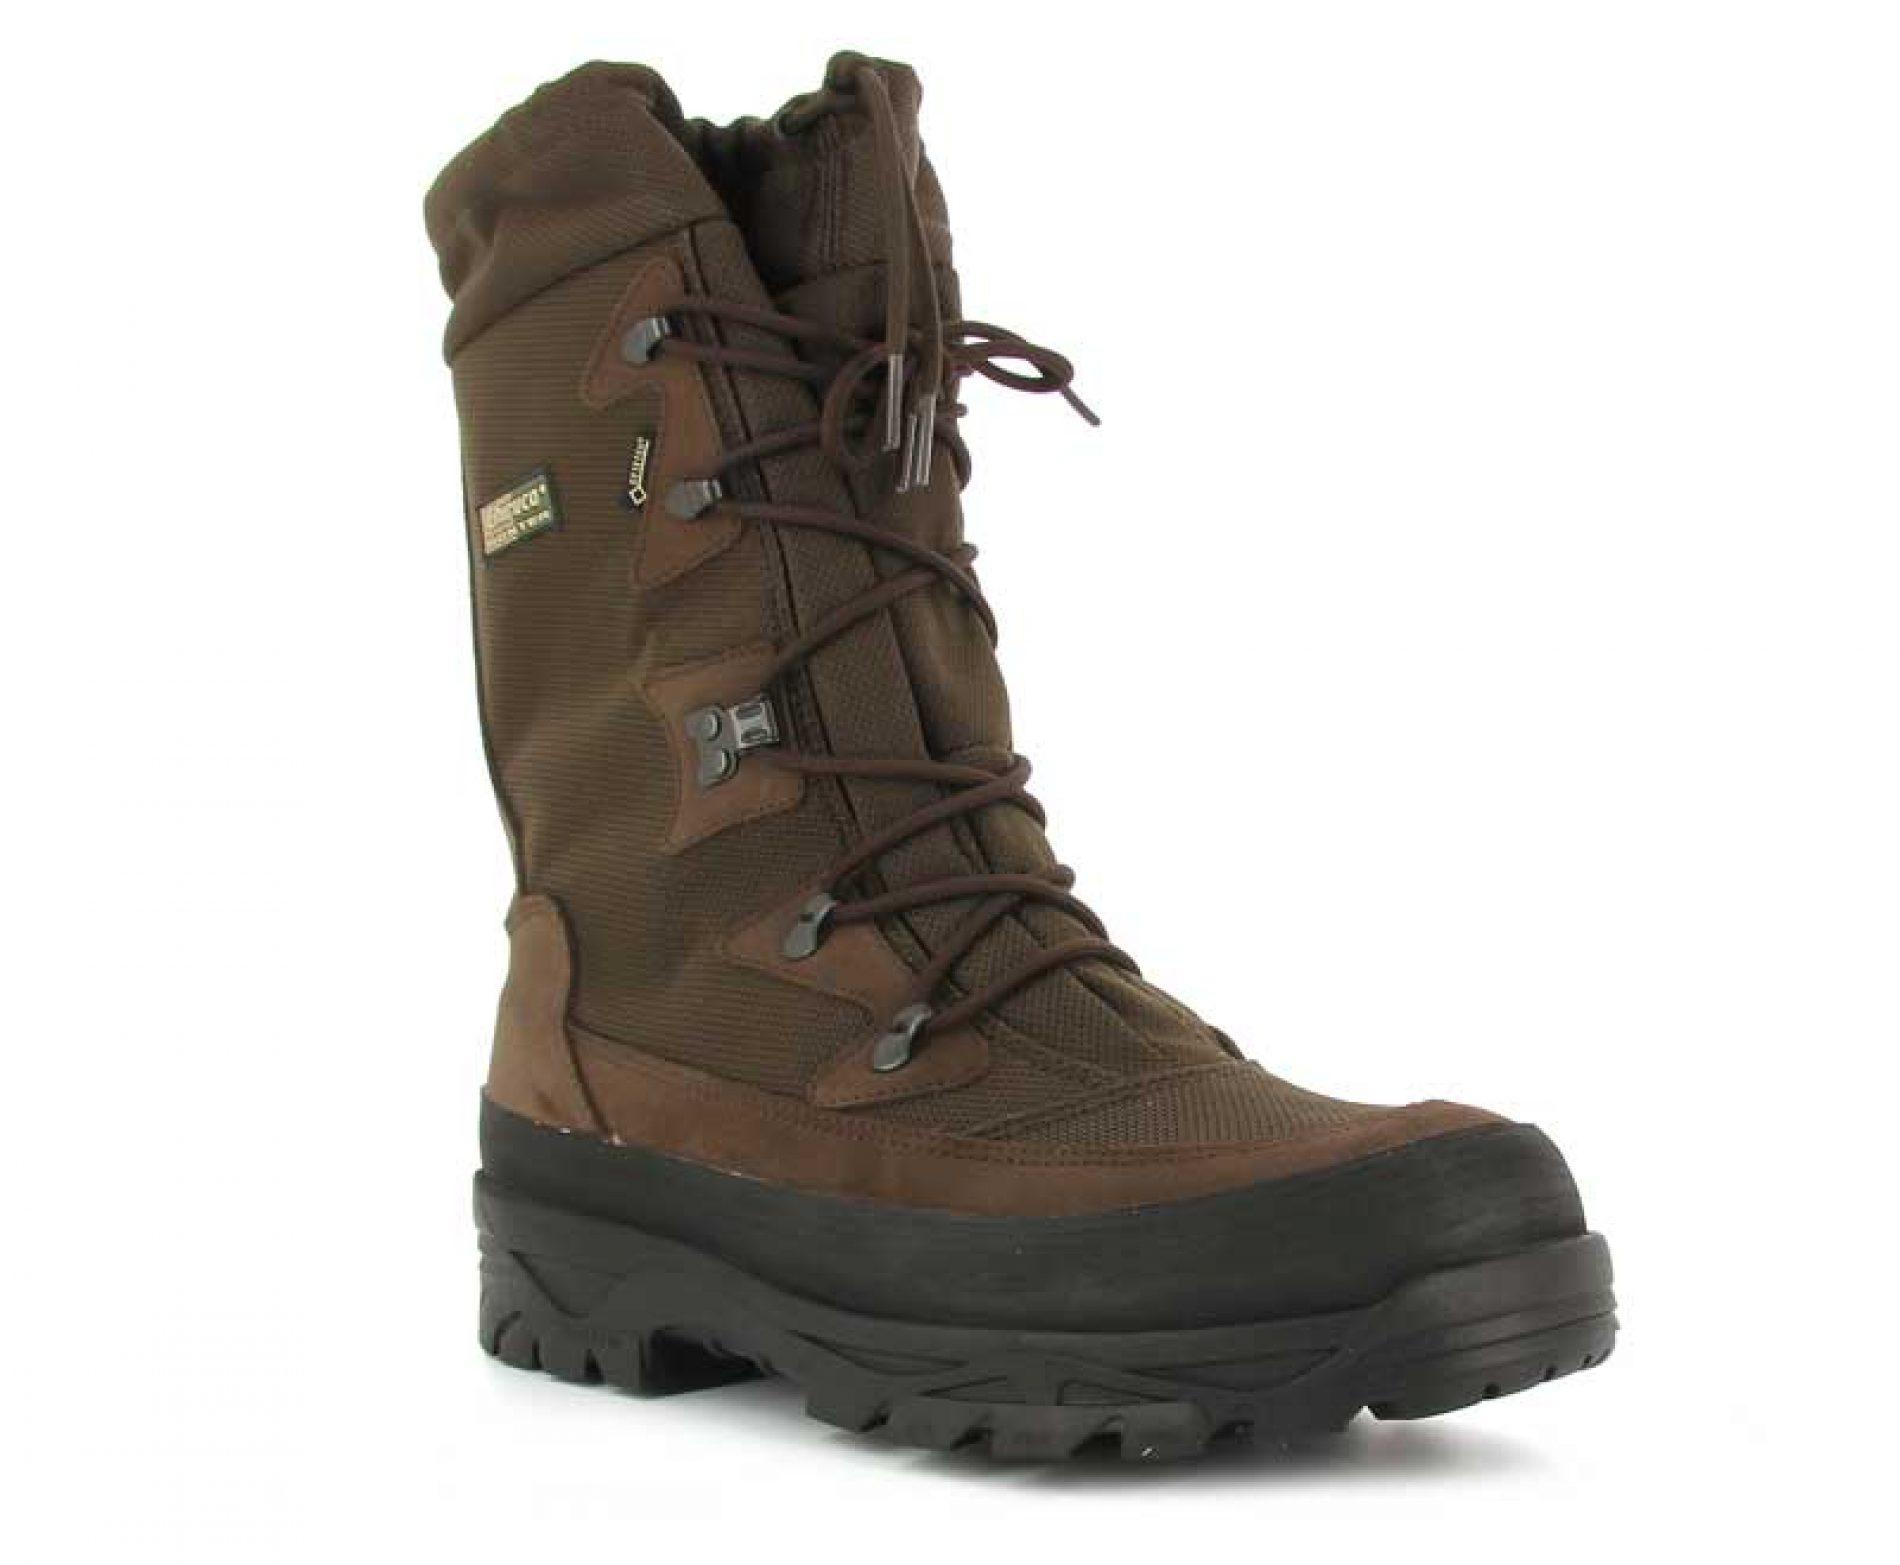 bae624c860a La nueva bota de chiruca®, especial para frío extremo, se llama Artic